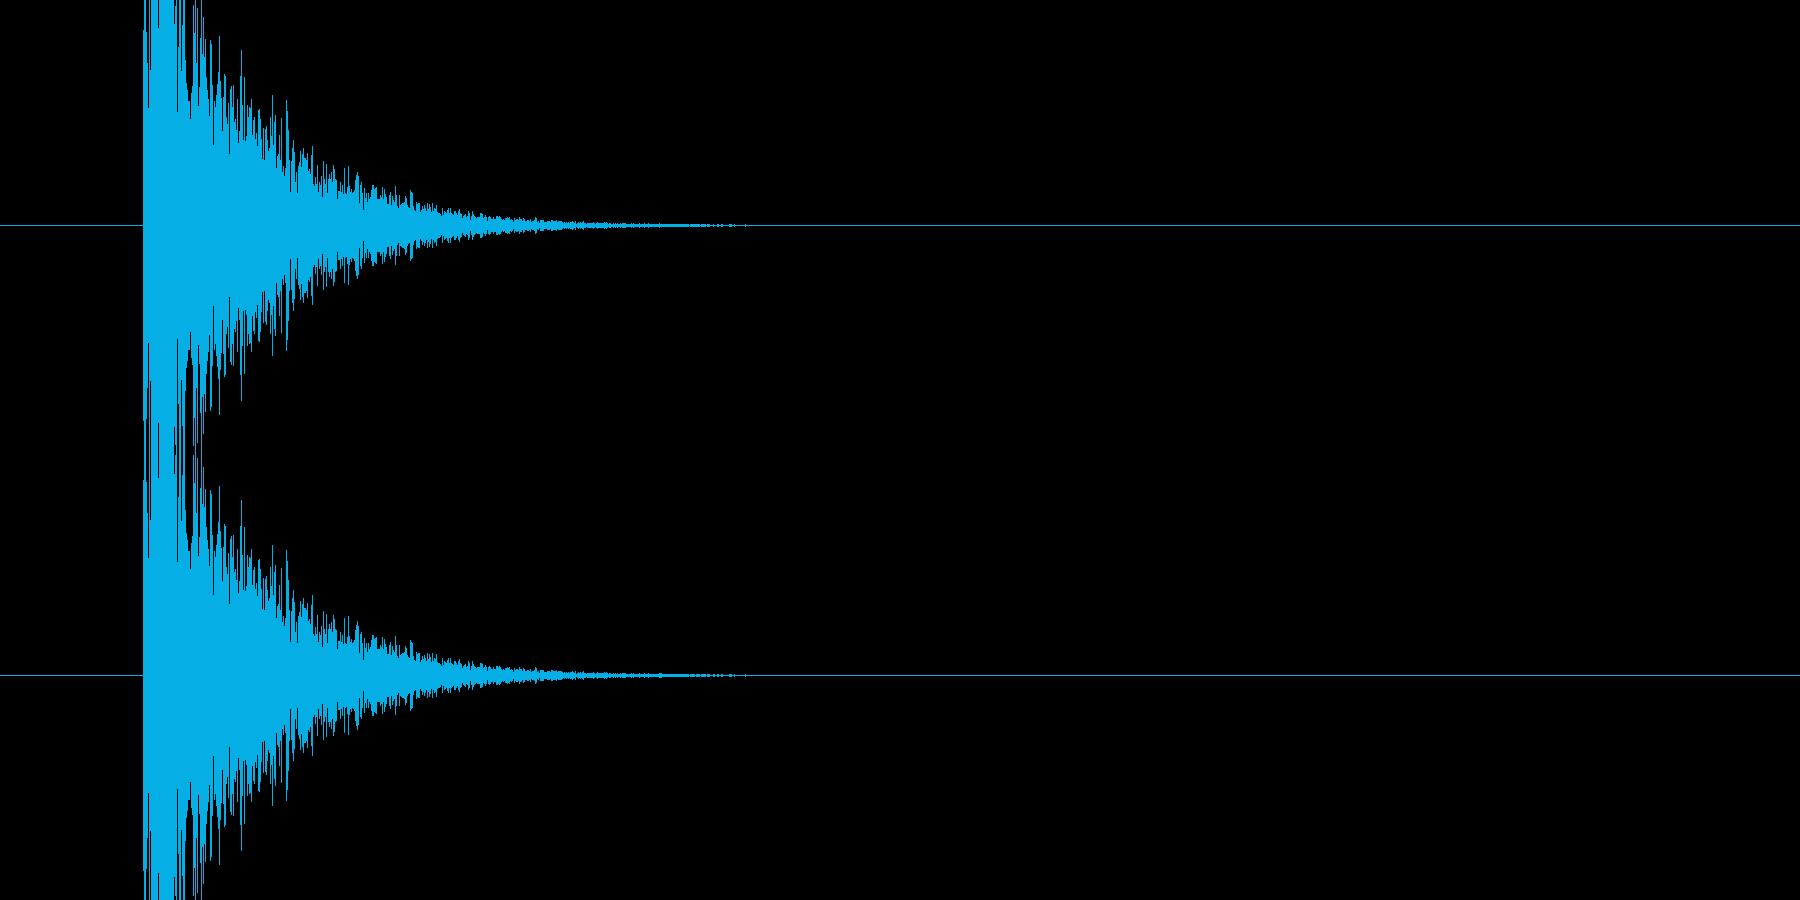 パンッ!という銃声、破裂音に使える音01の再生済みの波形